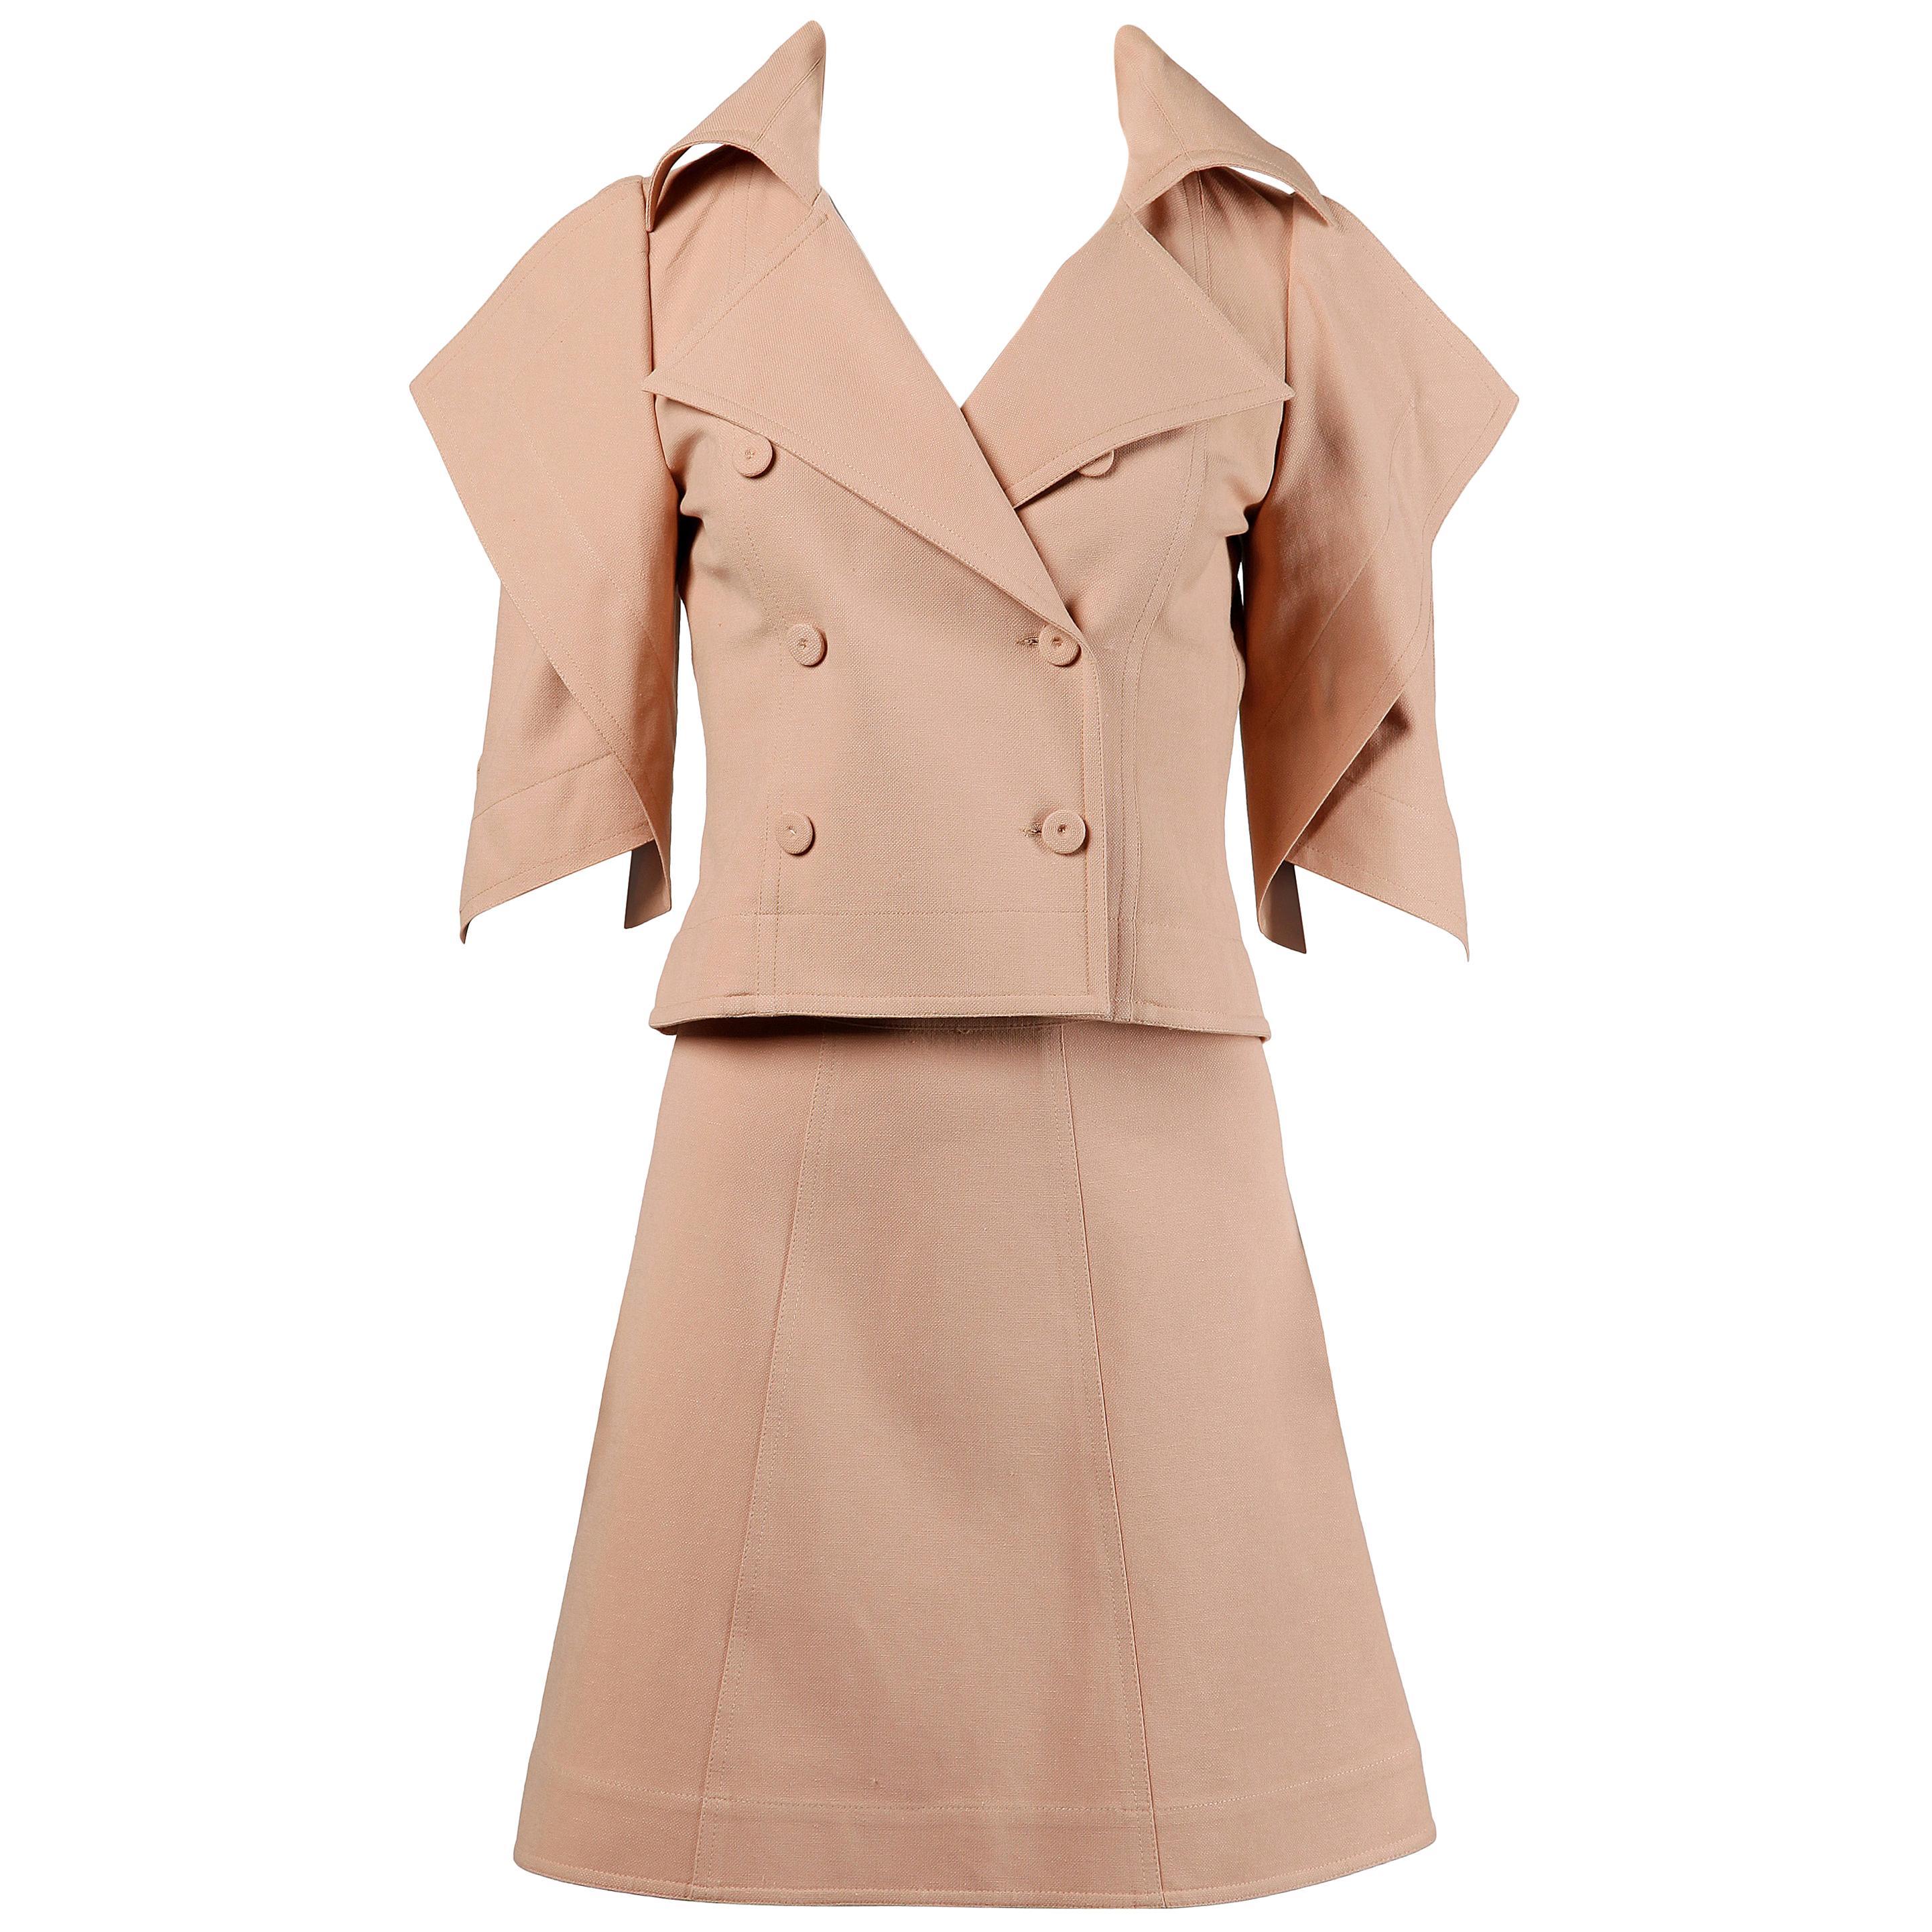 Fendi Jacket + Skirt Suit Ensemble